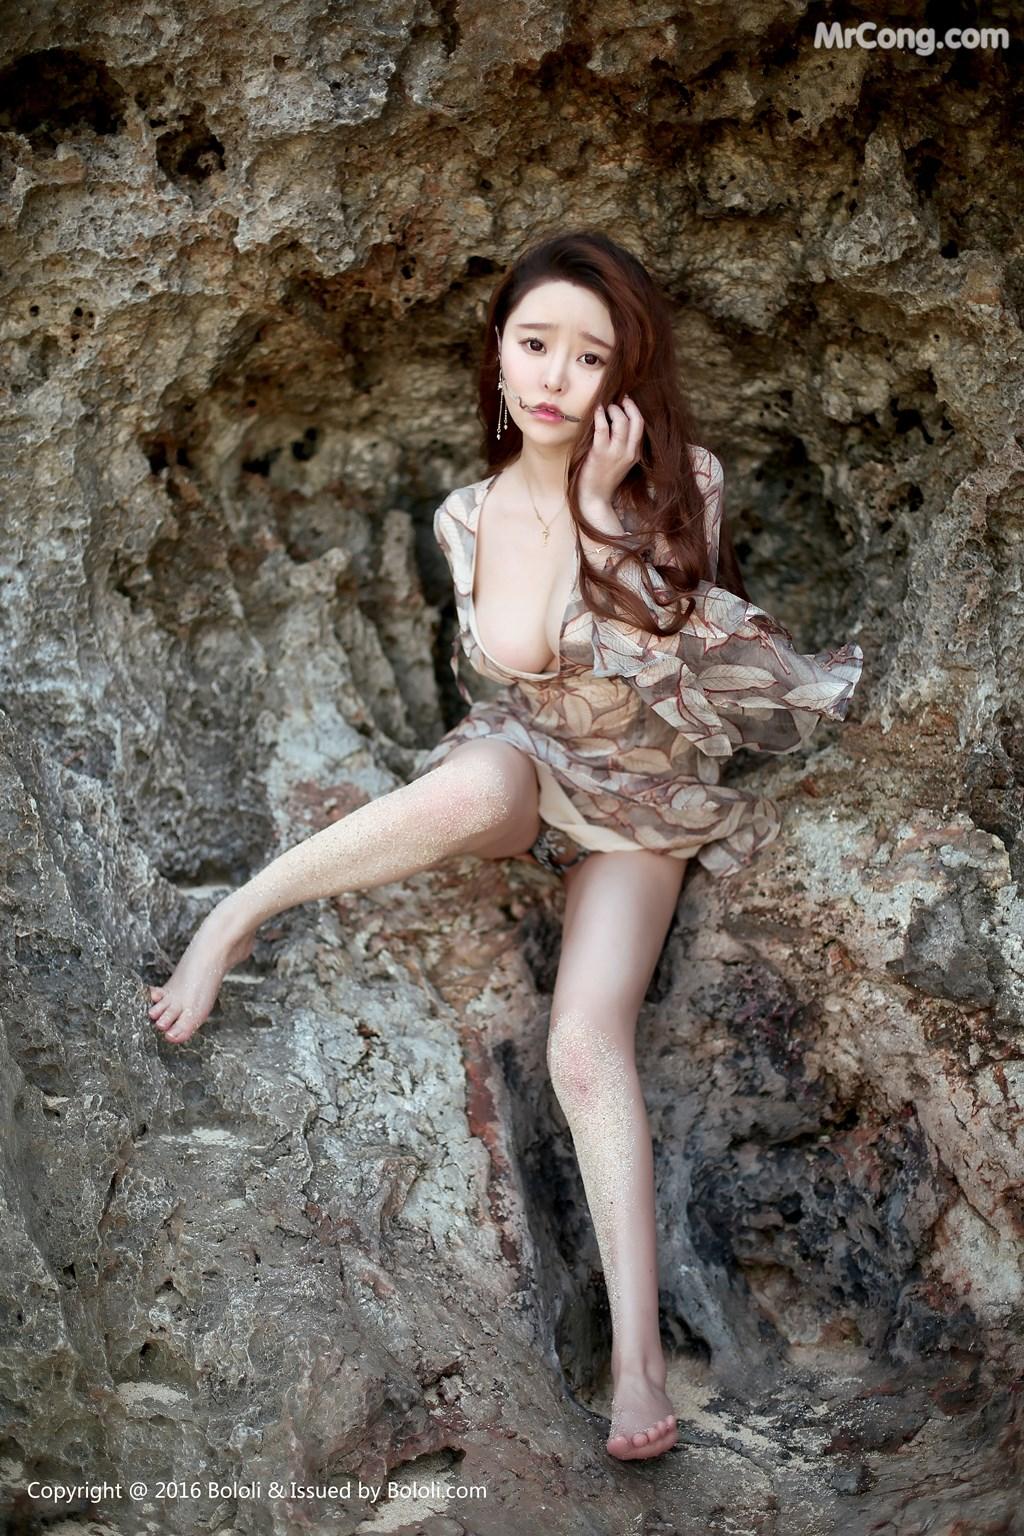 Image Tukmo-Vol.120-Liu-You-Qi-Sevenbaby-MrCong.com-006 in post Tukmo Vol.120: Người mẫu Liu You Qi Sevenbaby (柳侑绮) (46 ảnh)